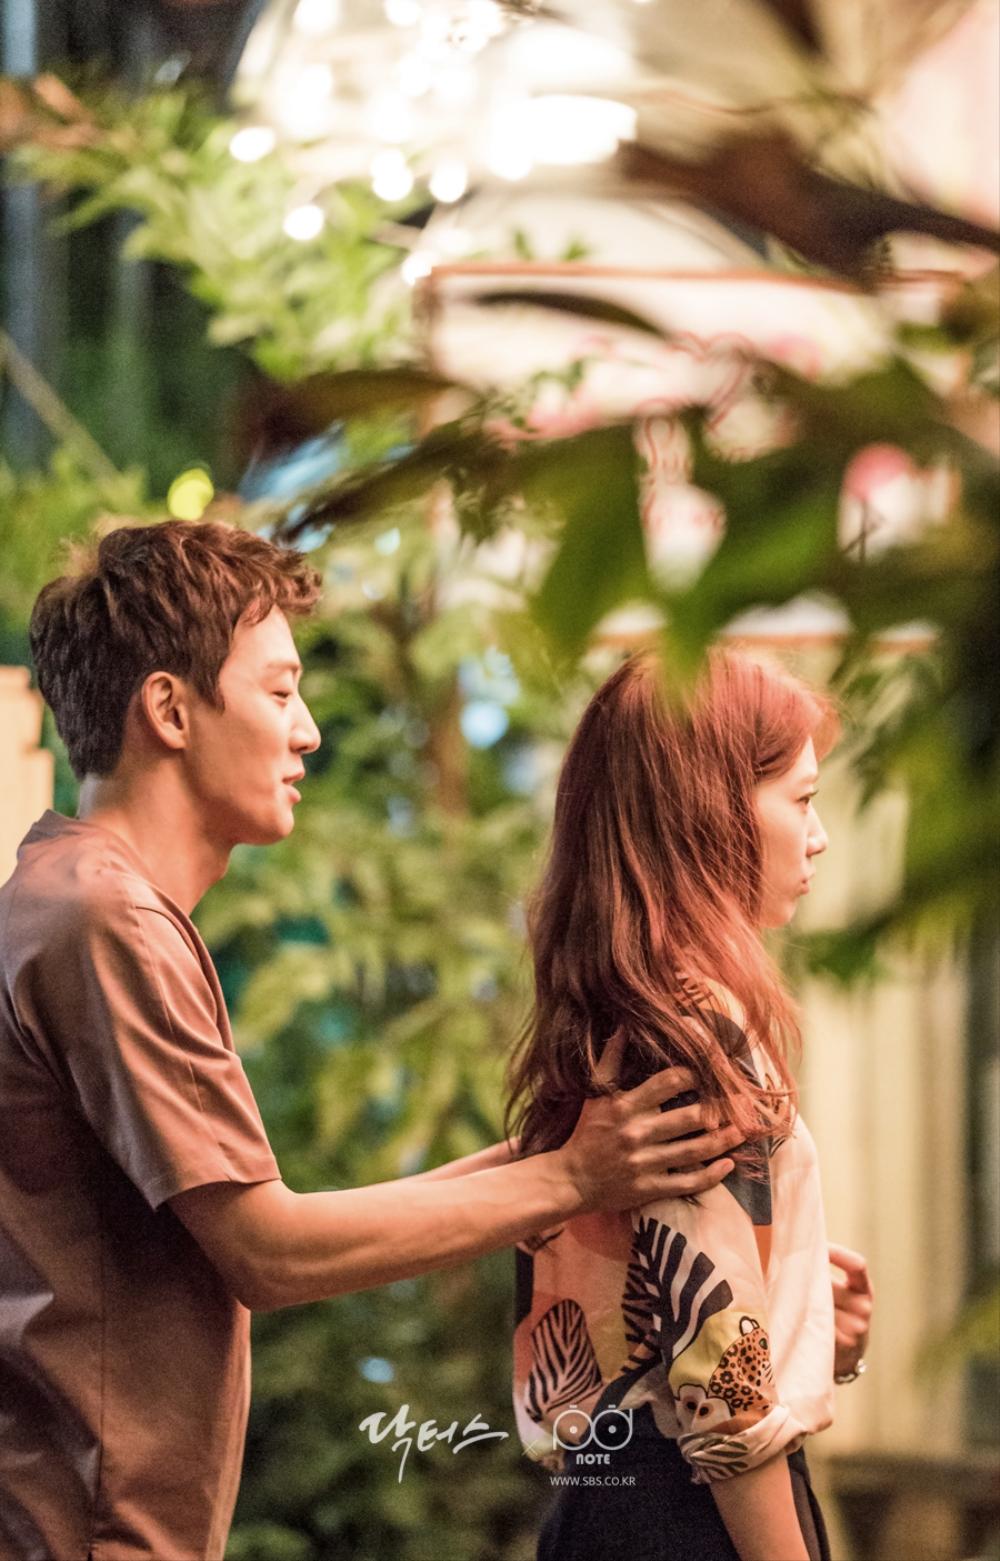 닥터스케치 7 박신혜를 집에 들여보내려는 김래원, 집에 들어 가기 싫어하는 듯한 박신혜의 이미지